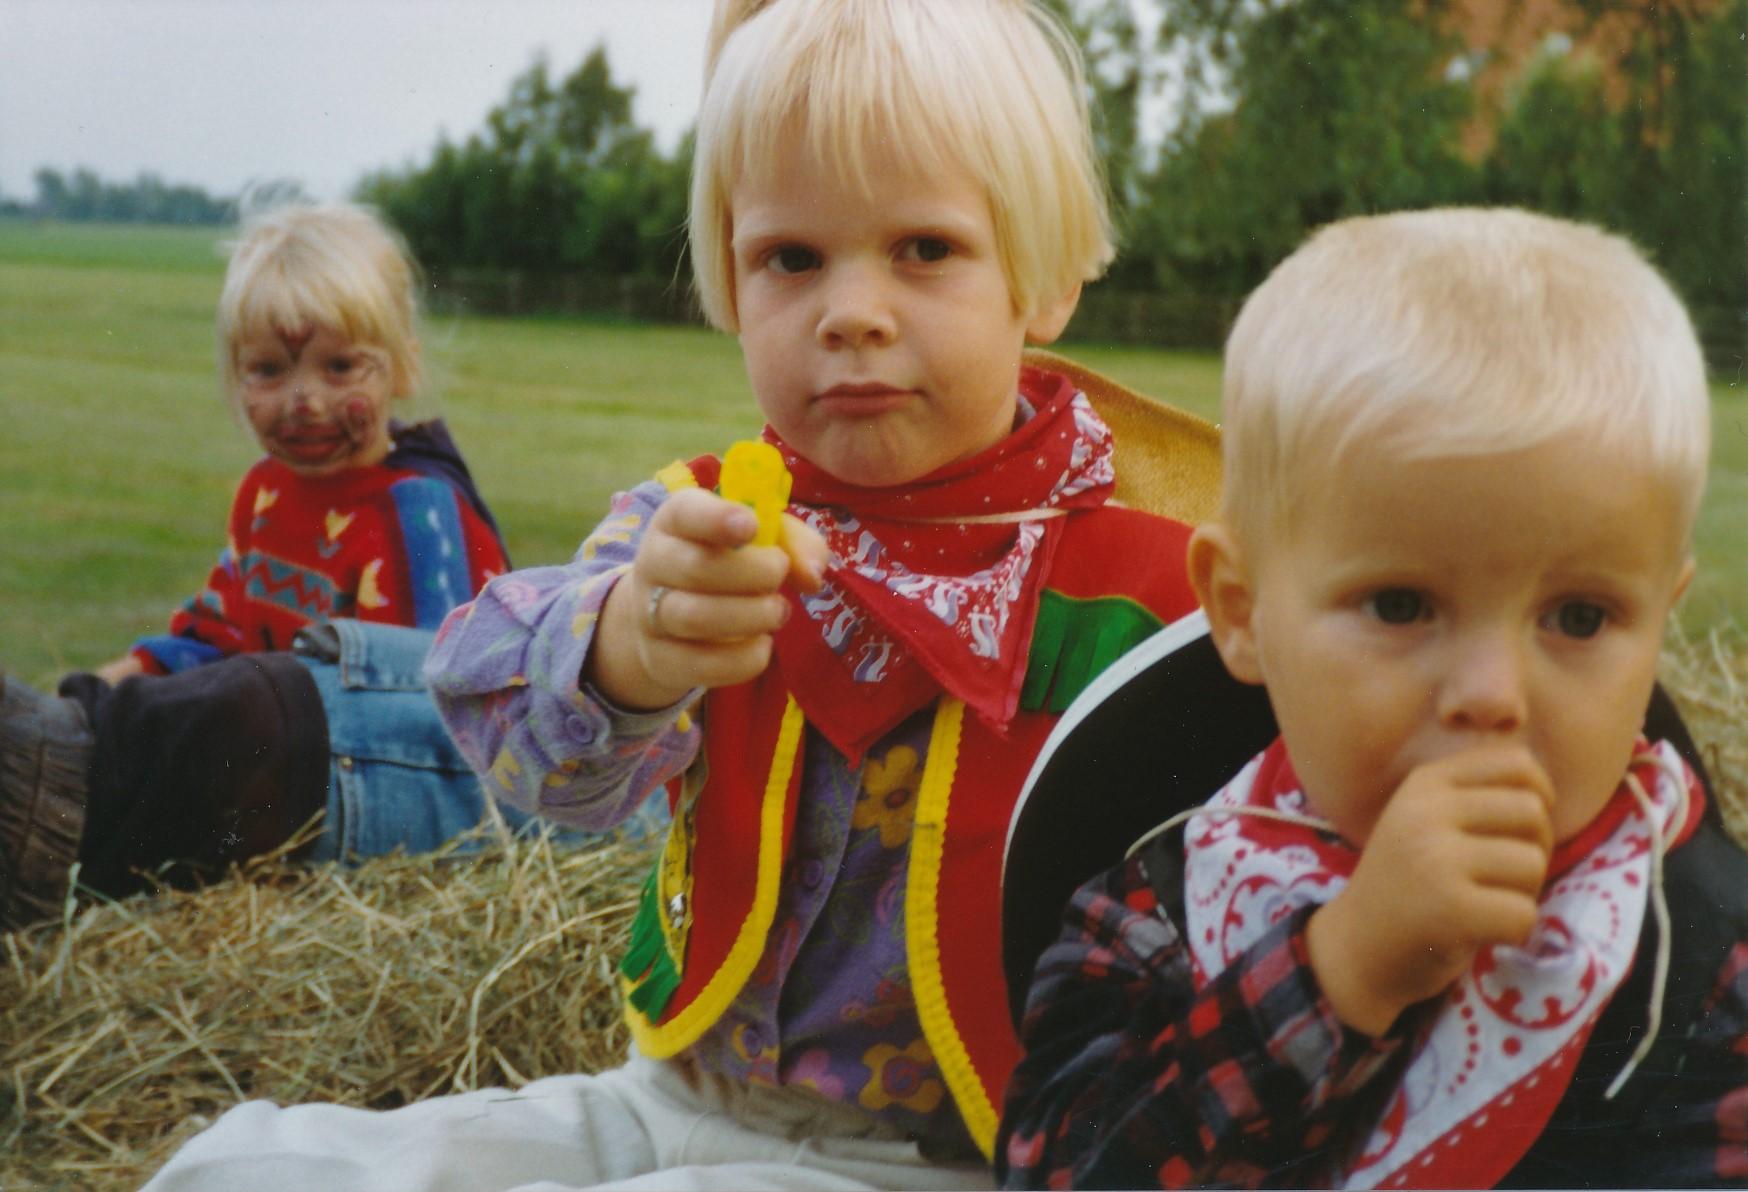 Fotoalbum Anneke Miedema, 014, Nieske, Agatha en Marijke, Merke 1994